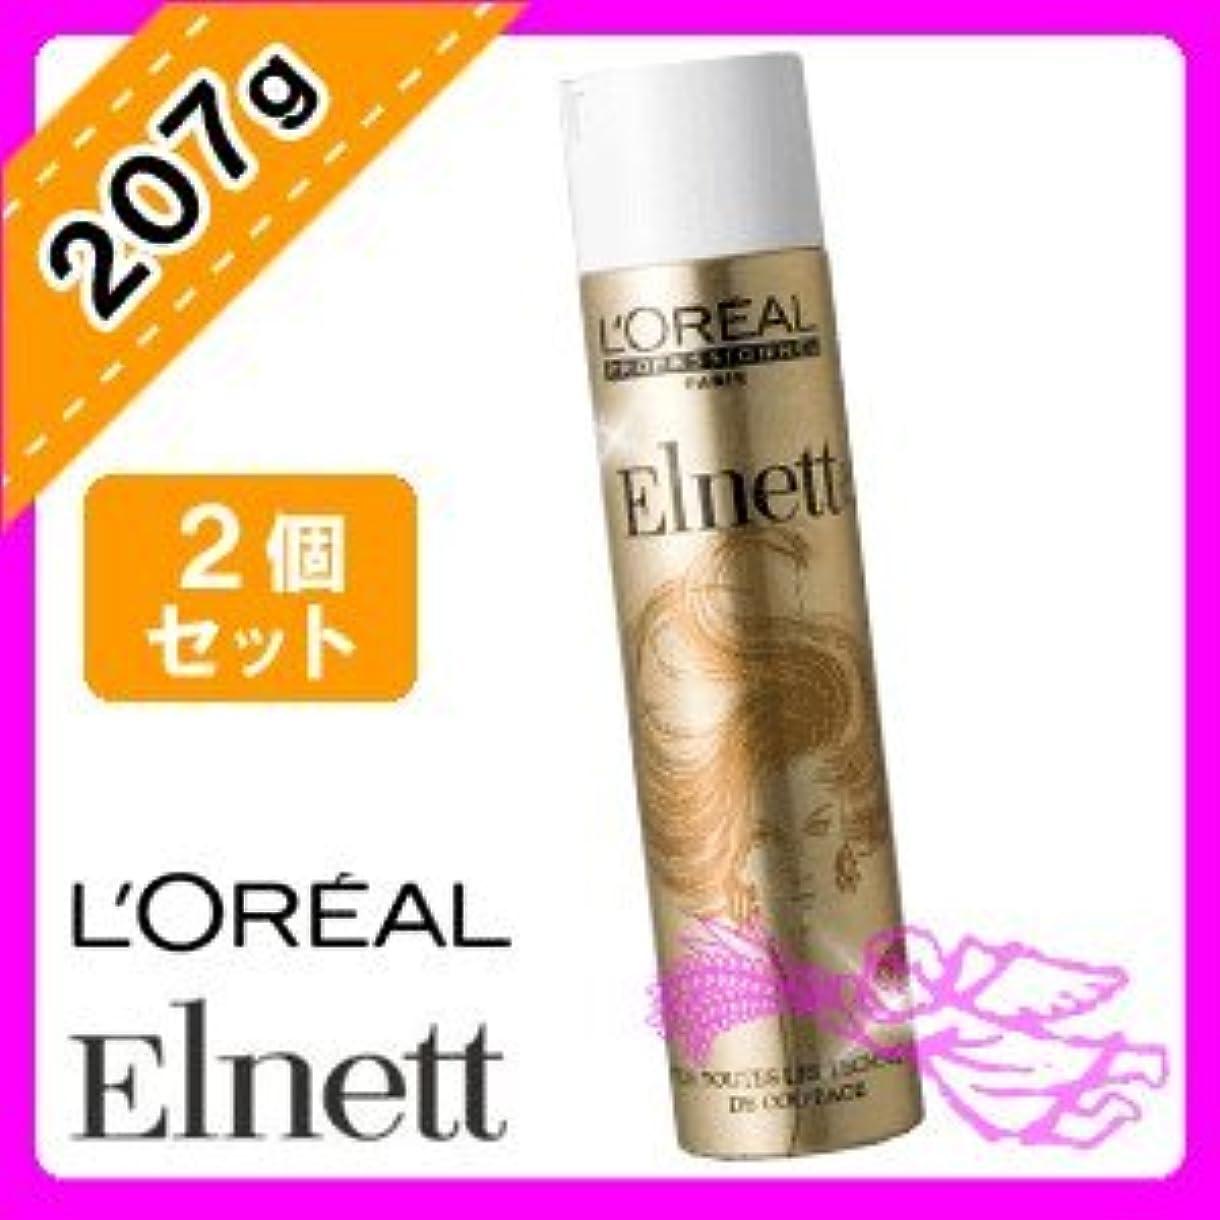 原始的な粘着性拡散するロレアル エルネット サテン <207g×2個セット> LOREAL Elnett スタイリング ローズ フレグランス